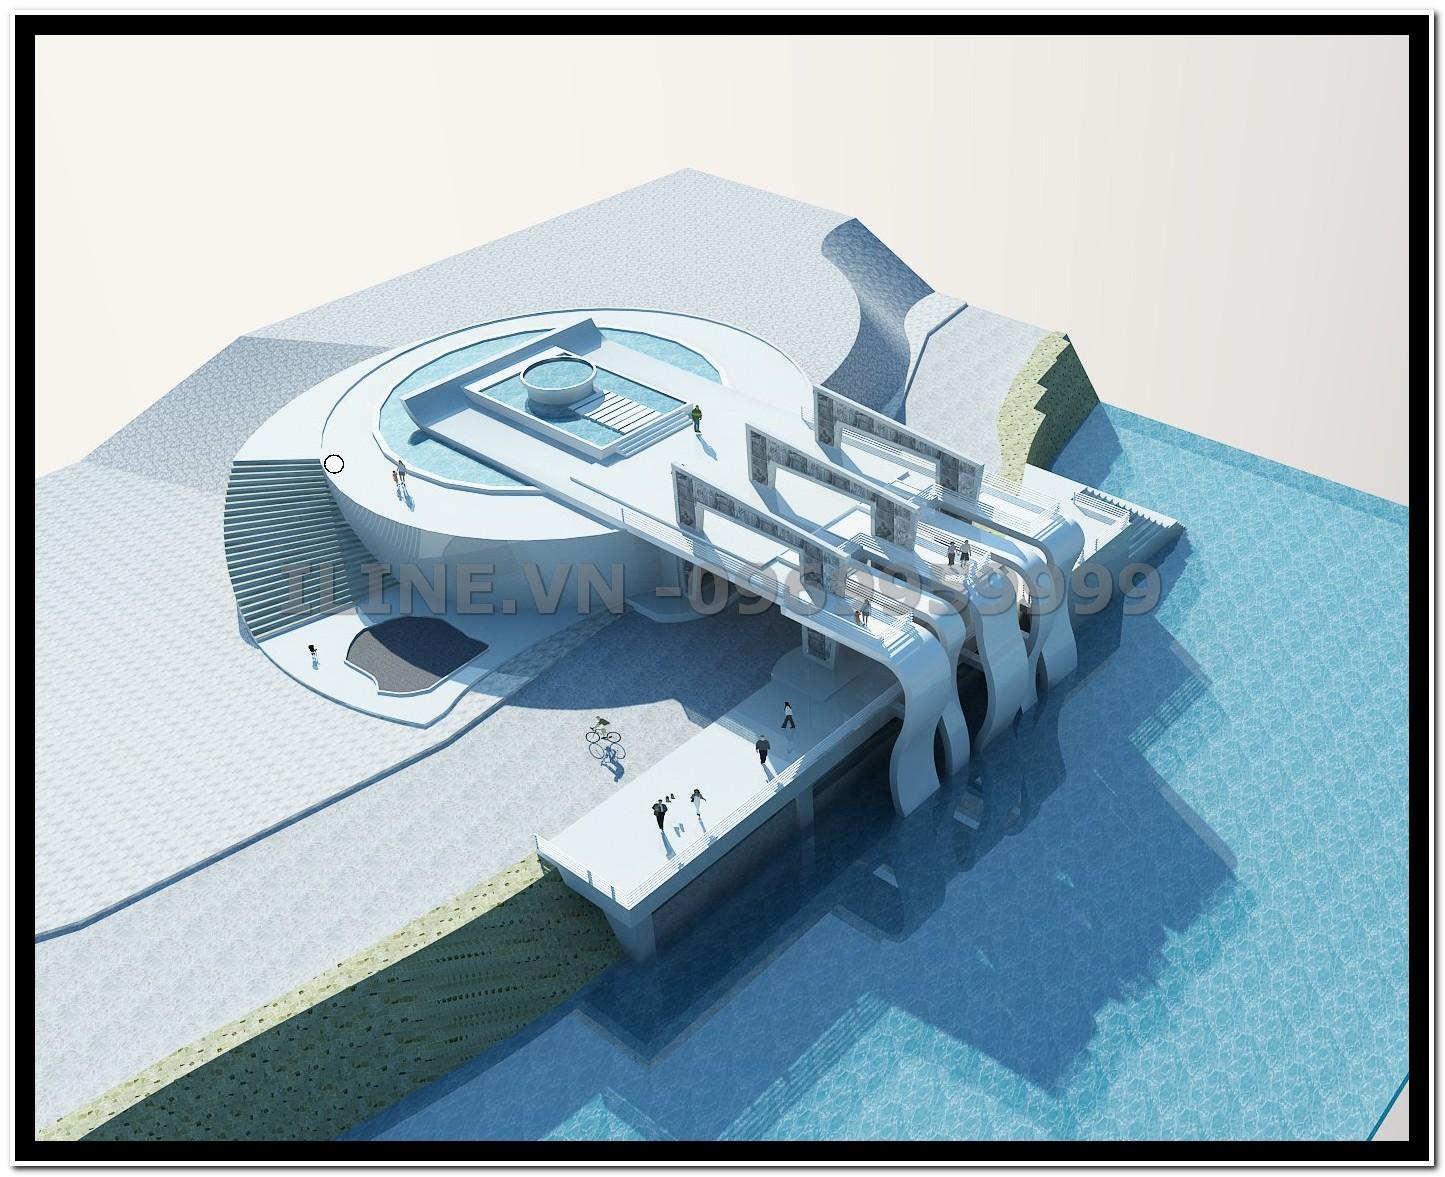 Nhà Chờ bến cảng - Khu du lịch Ngọc Long - Quảng Ninh - 2011